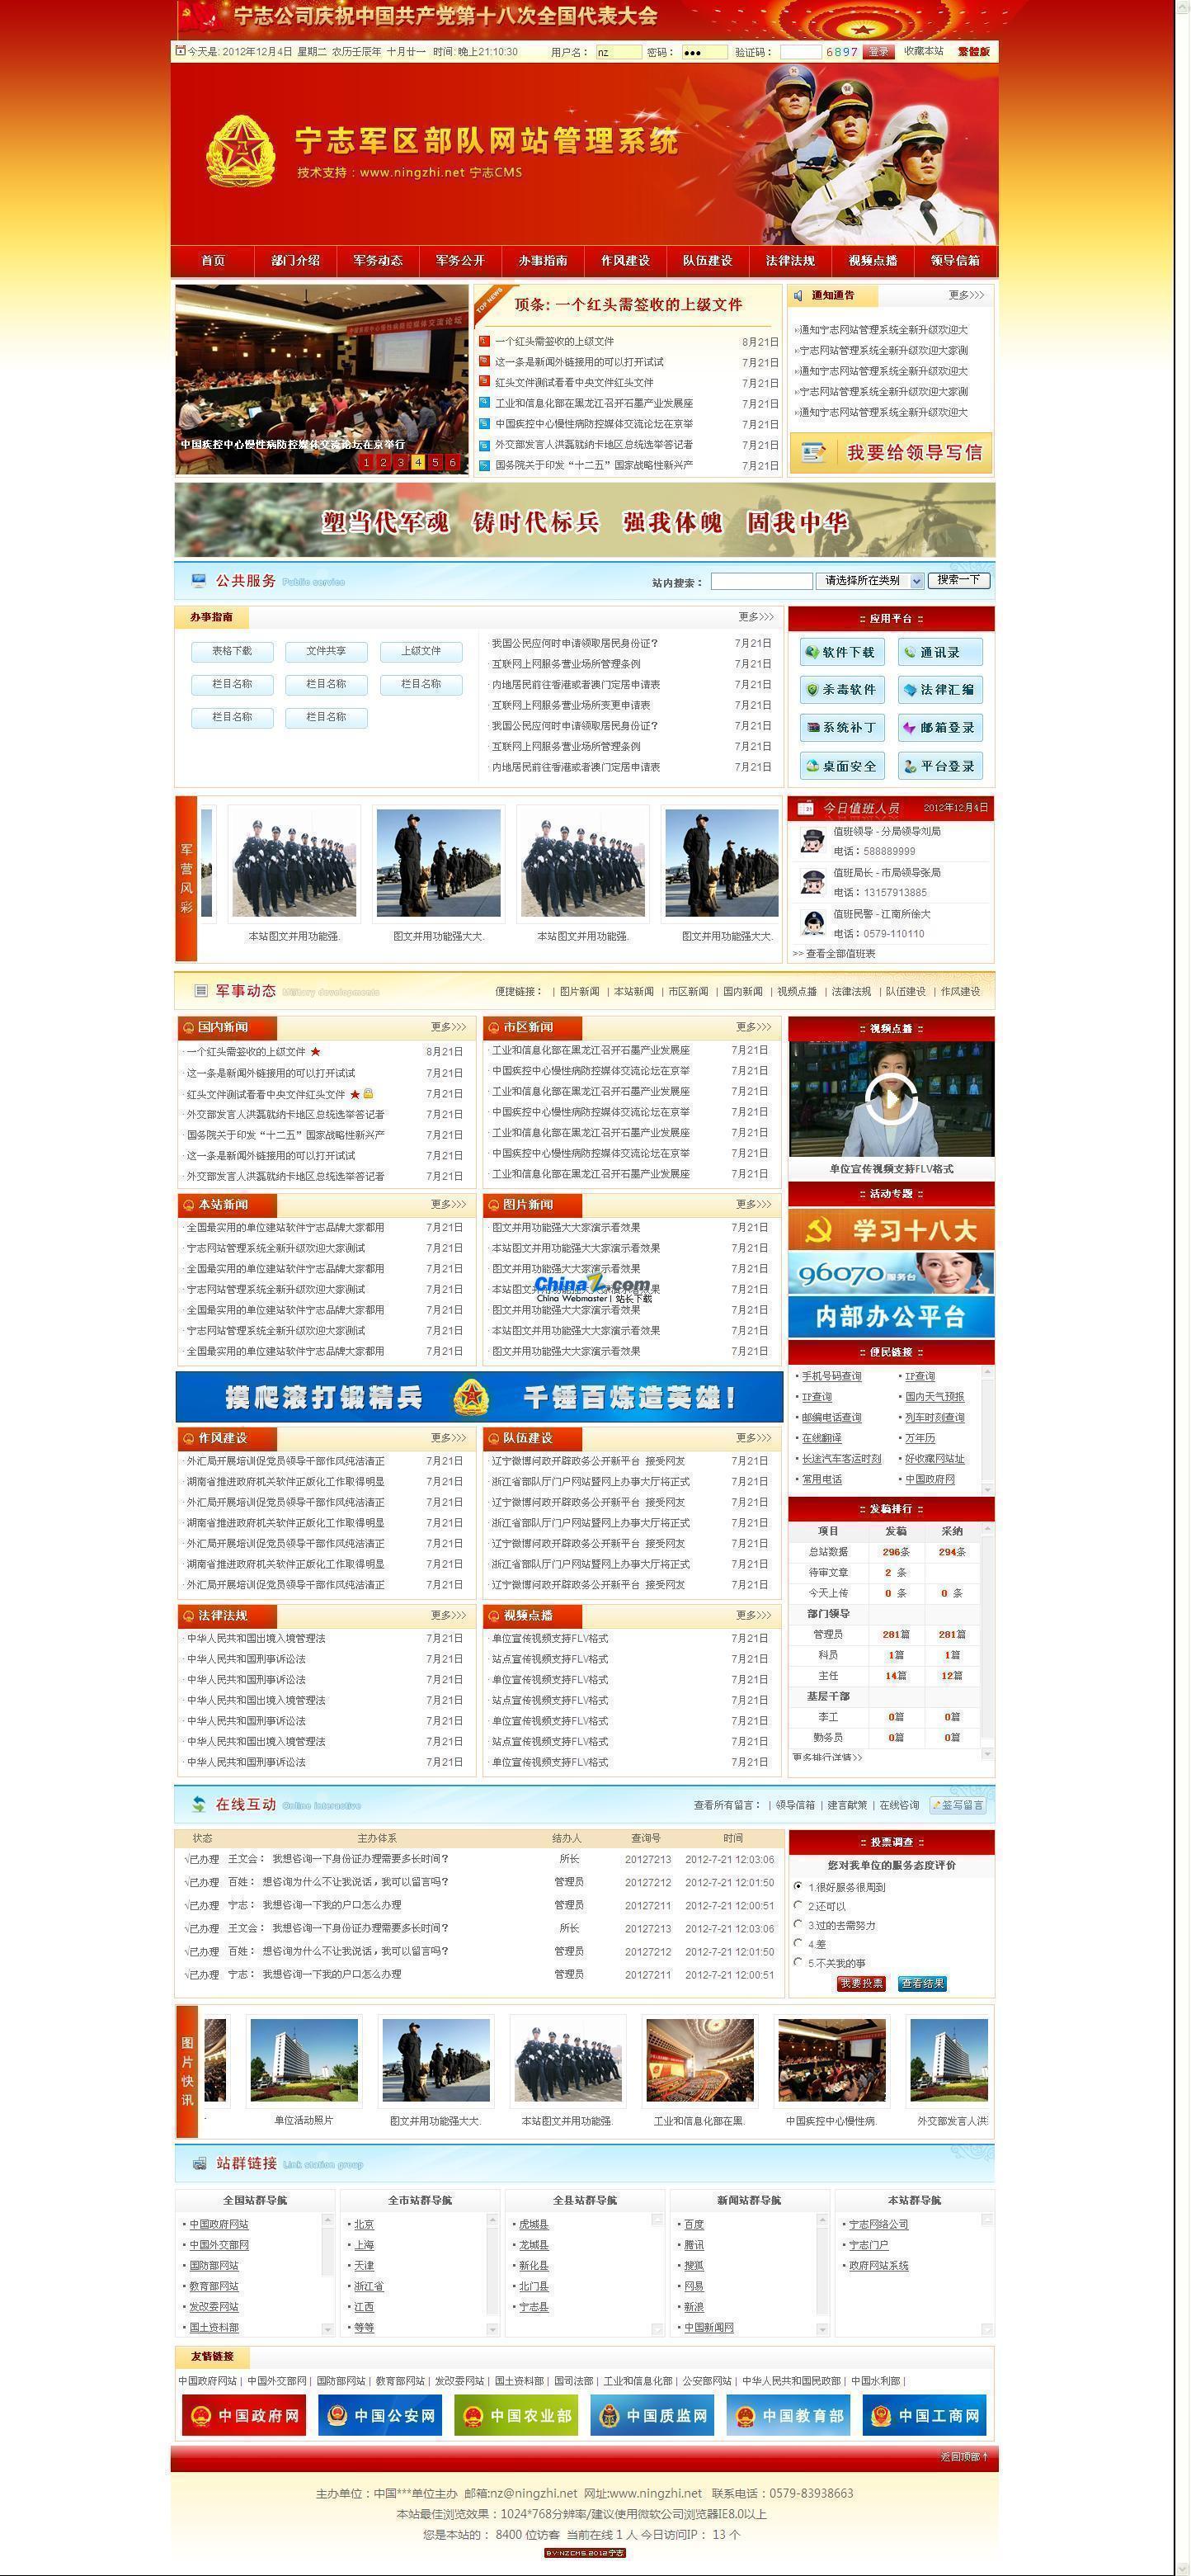 宁志部队网站管理系统